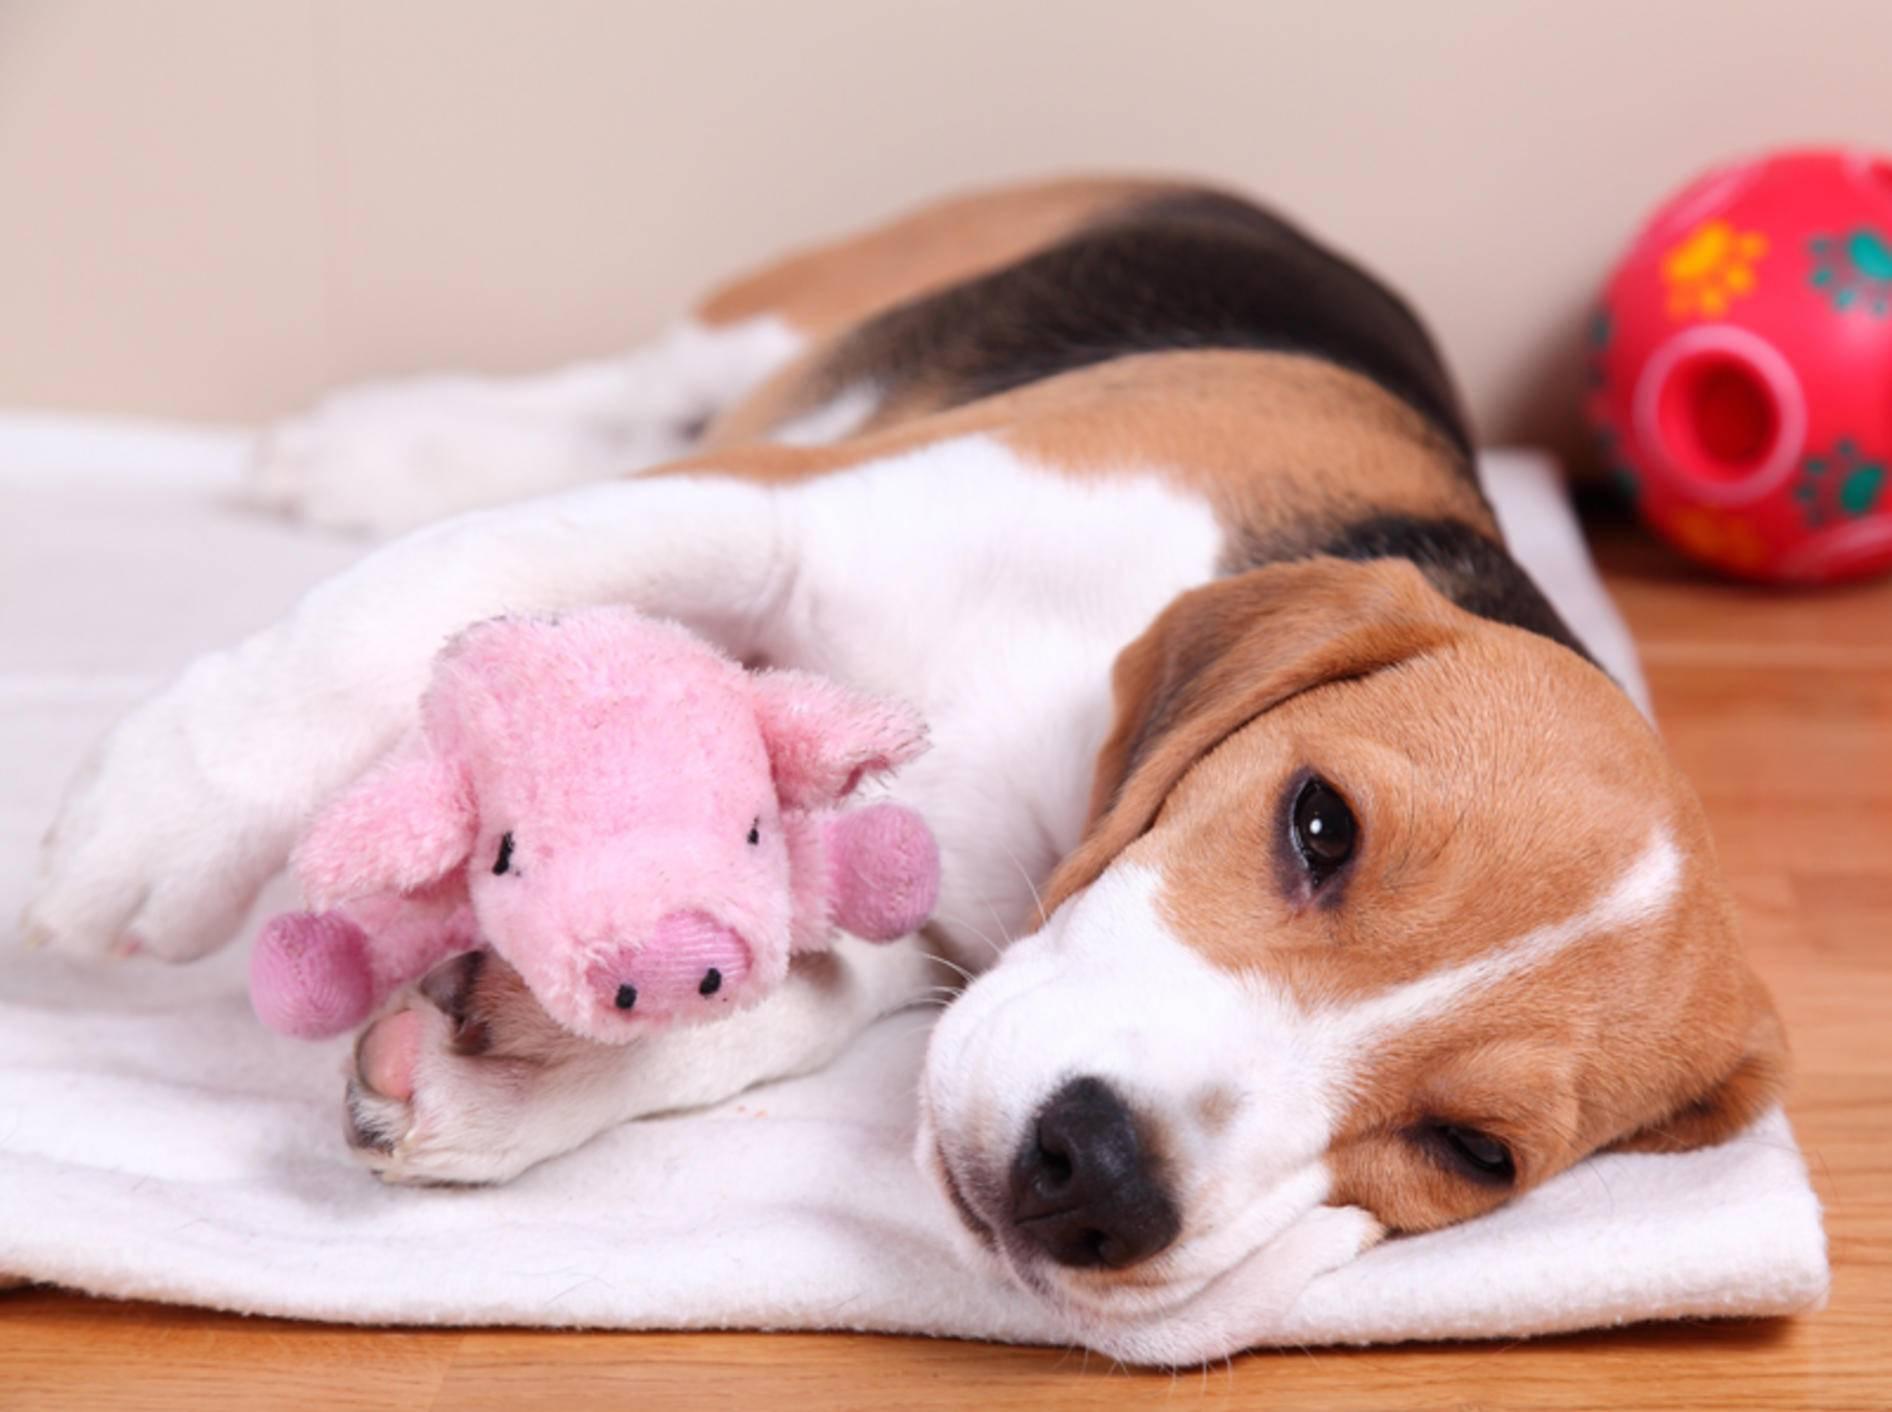 Hundekauf: Haben Sie an alles auf der Checkliste gedacht? – Bild: Shutterstock / Sandra Kemppainen